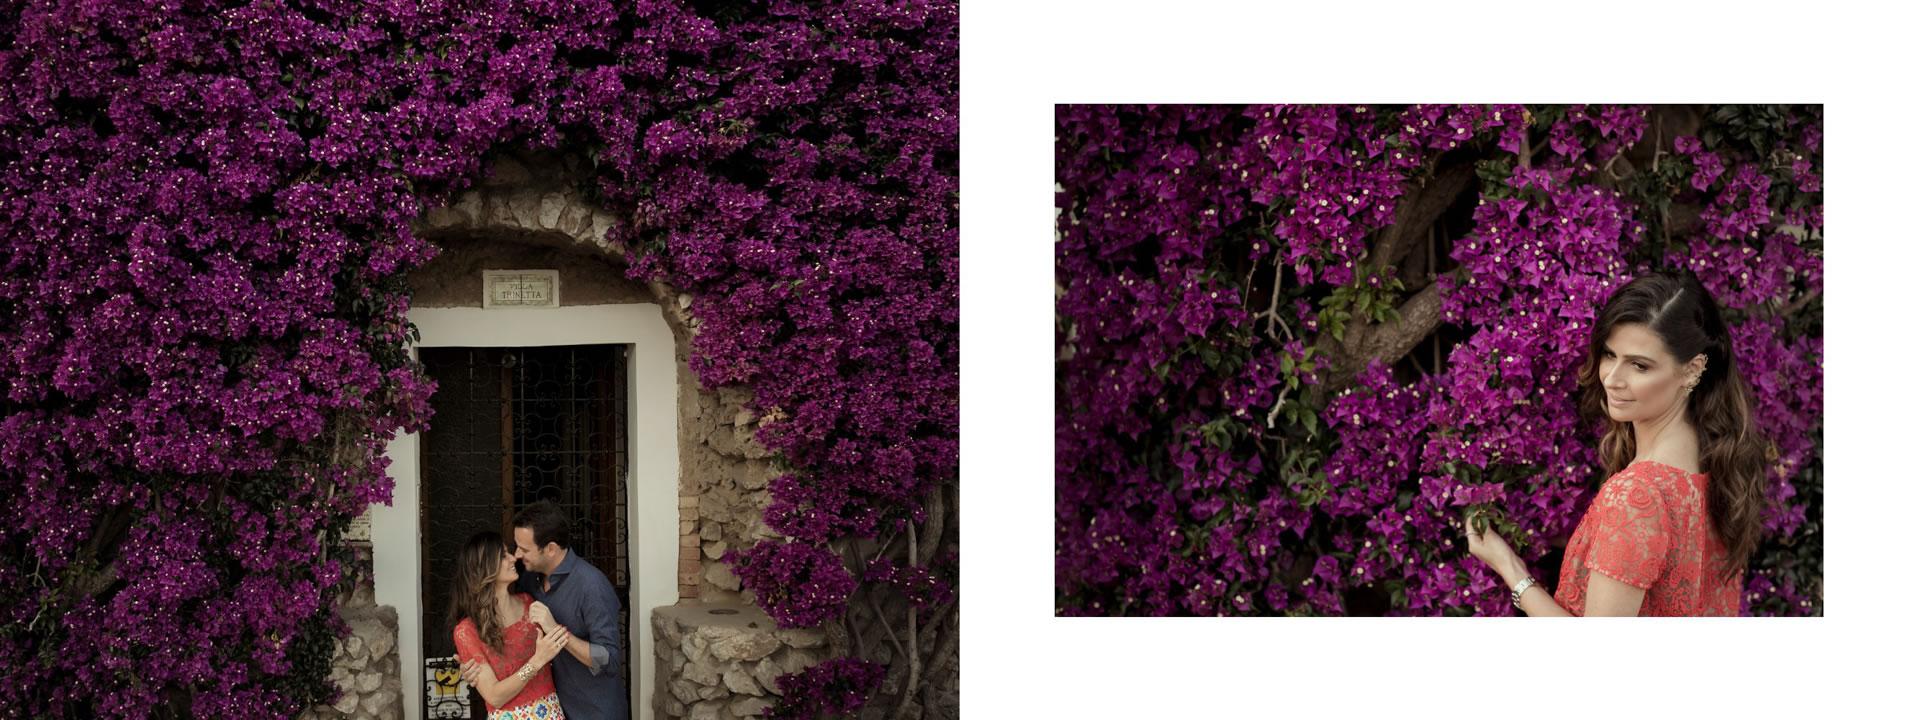 - 8 :: Jewish luxury wedding weekend in Capri :: Luxury wedding photography - 7 ::  - 8